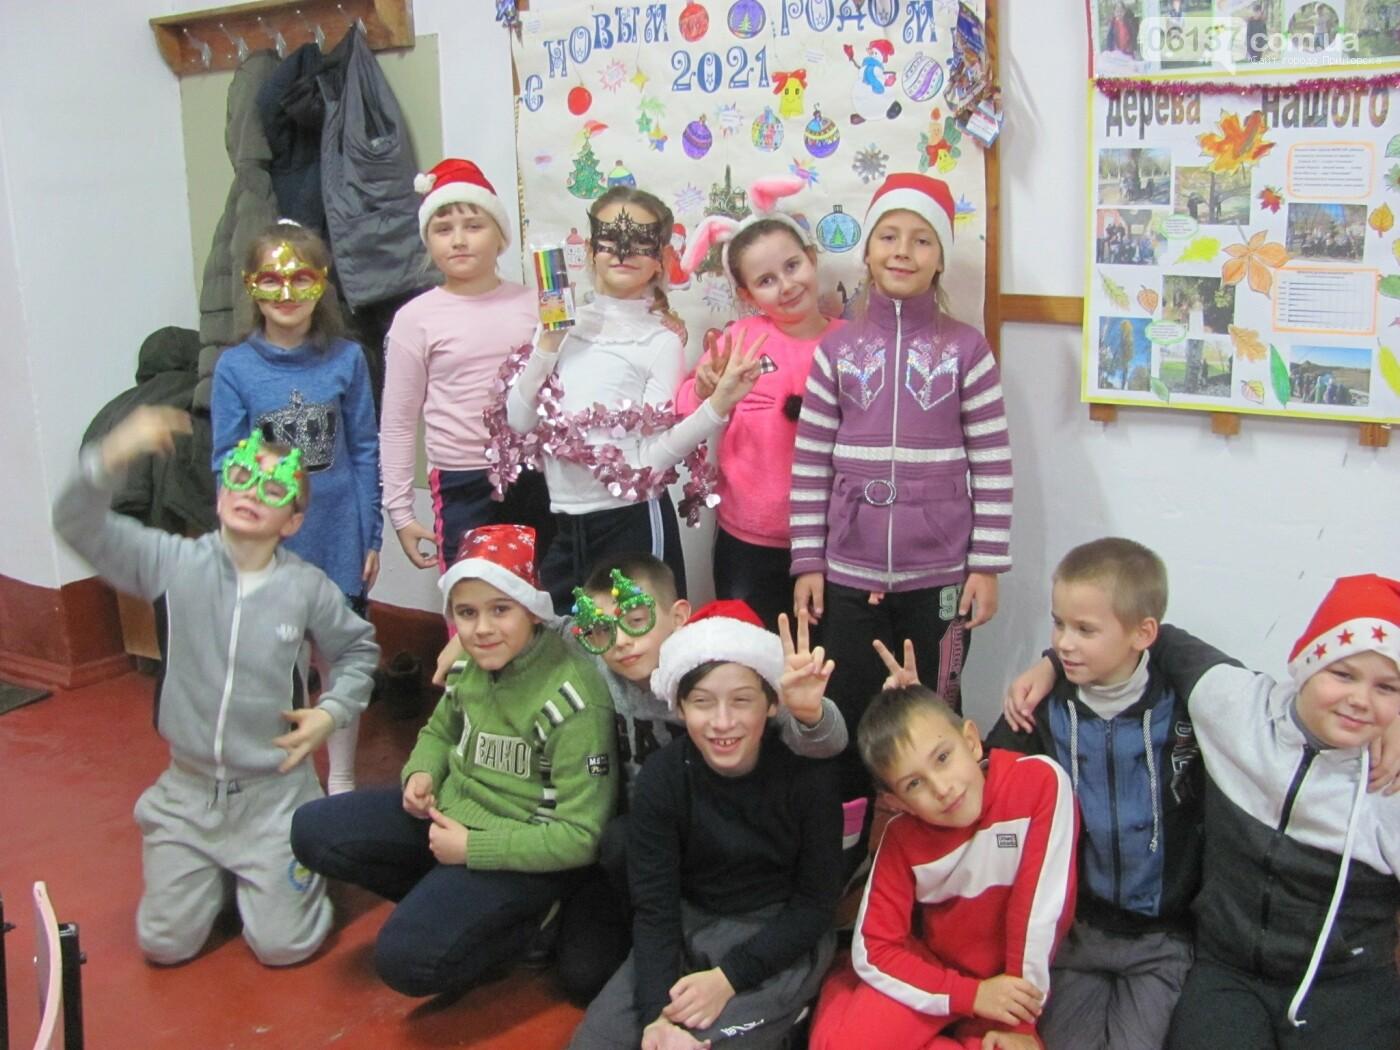 Приморські туристи-оптимісти весело відсвяткували День Святого Миколая, фото-3